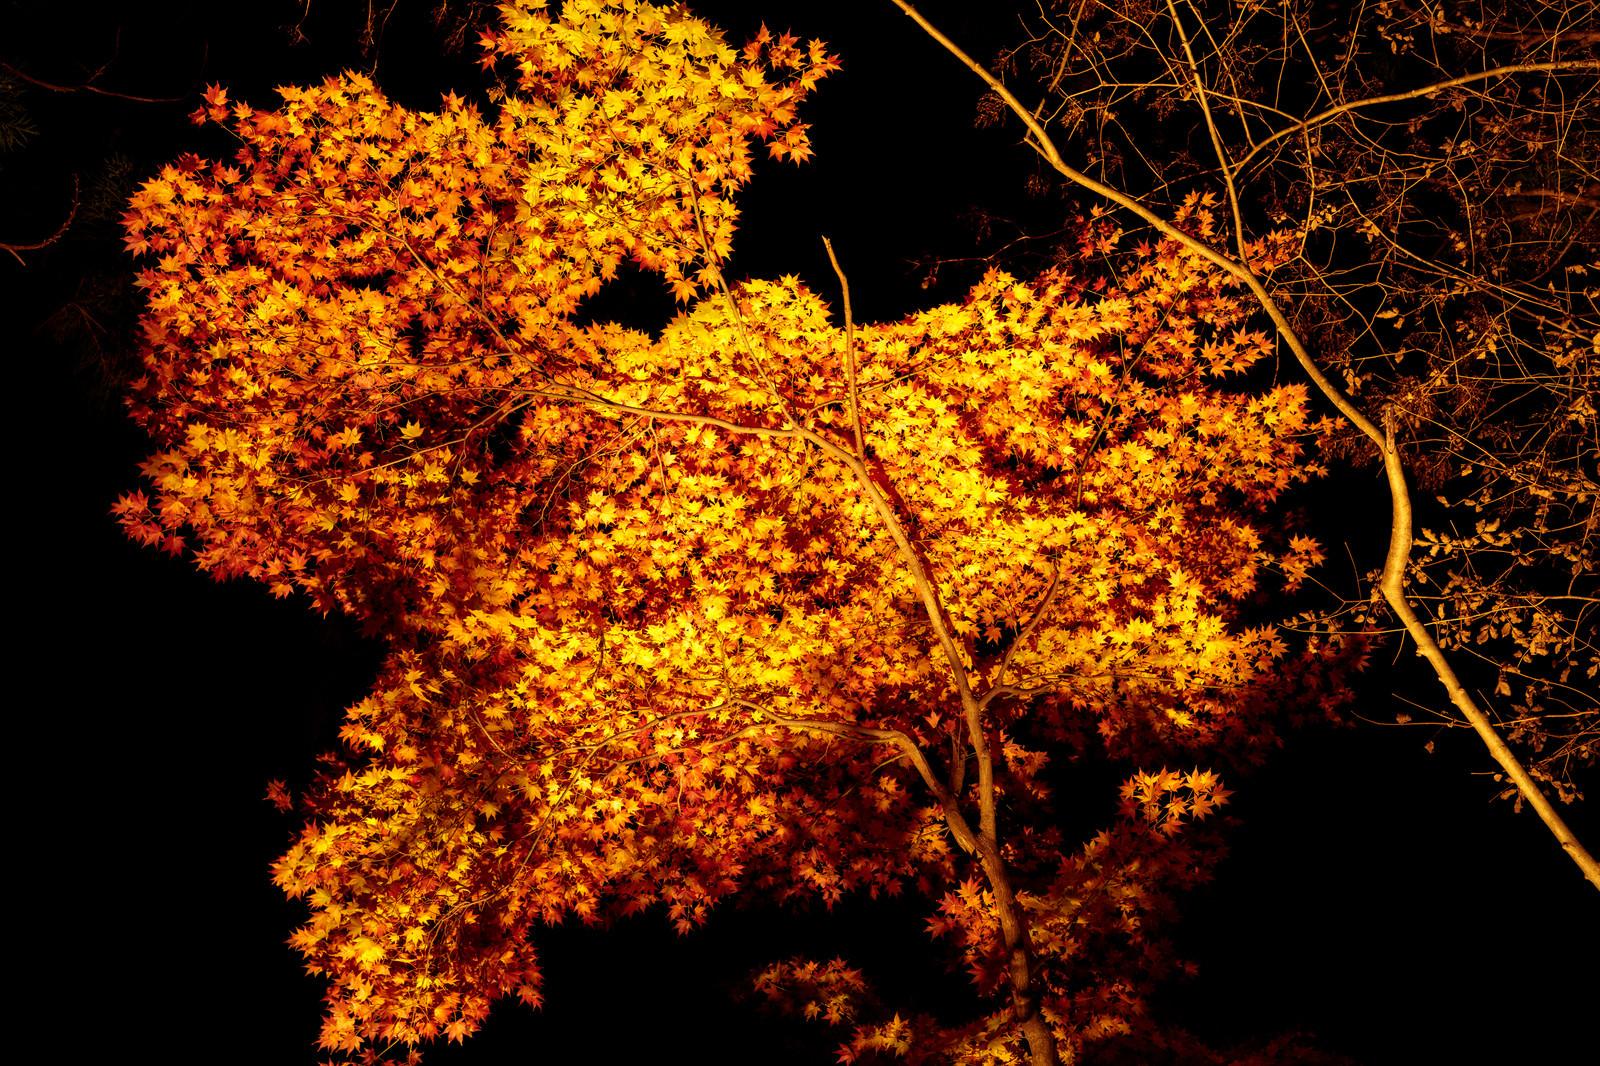 「ライトアップされた紅葉」の写真